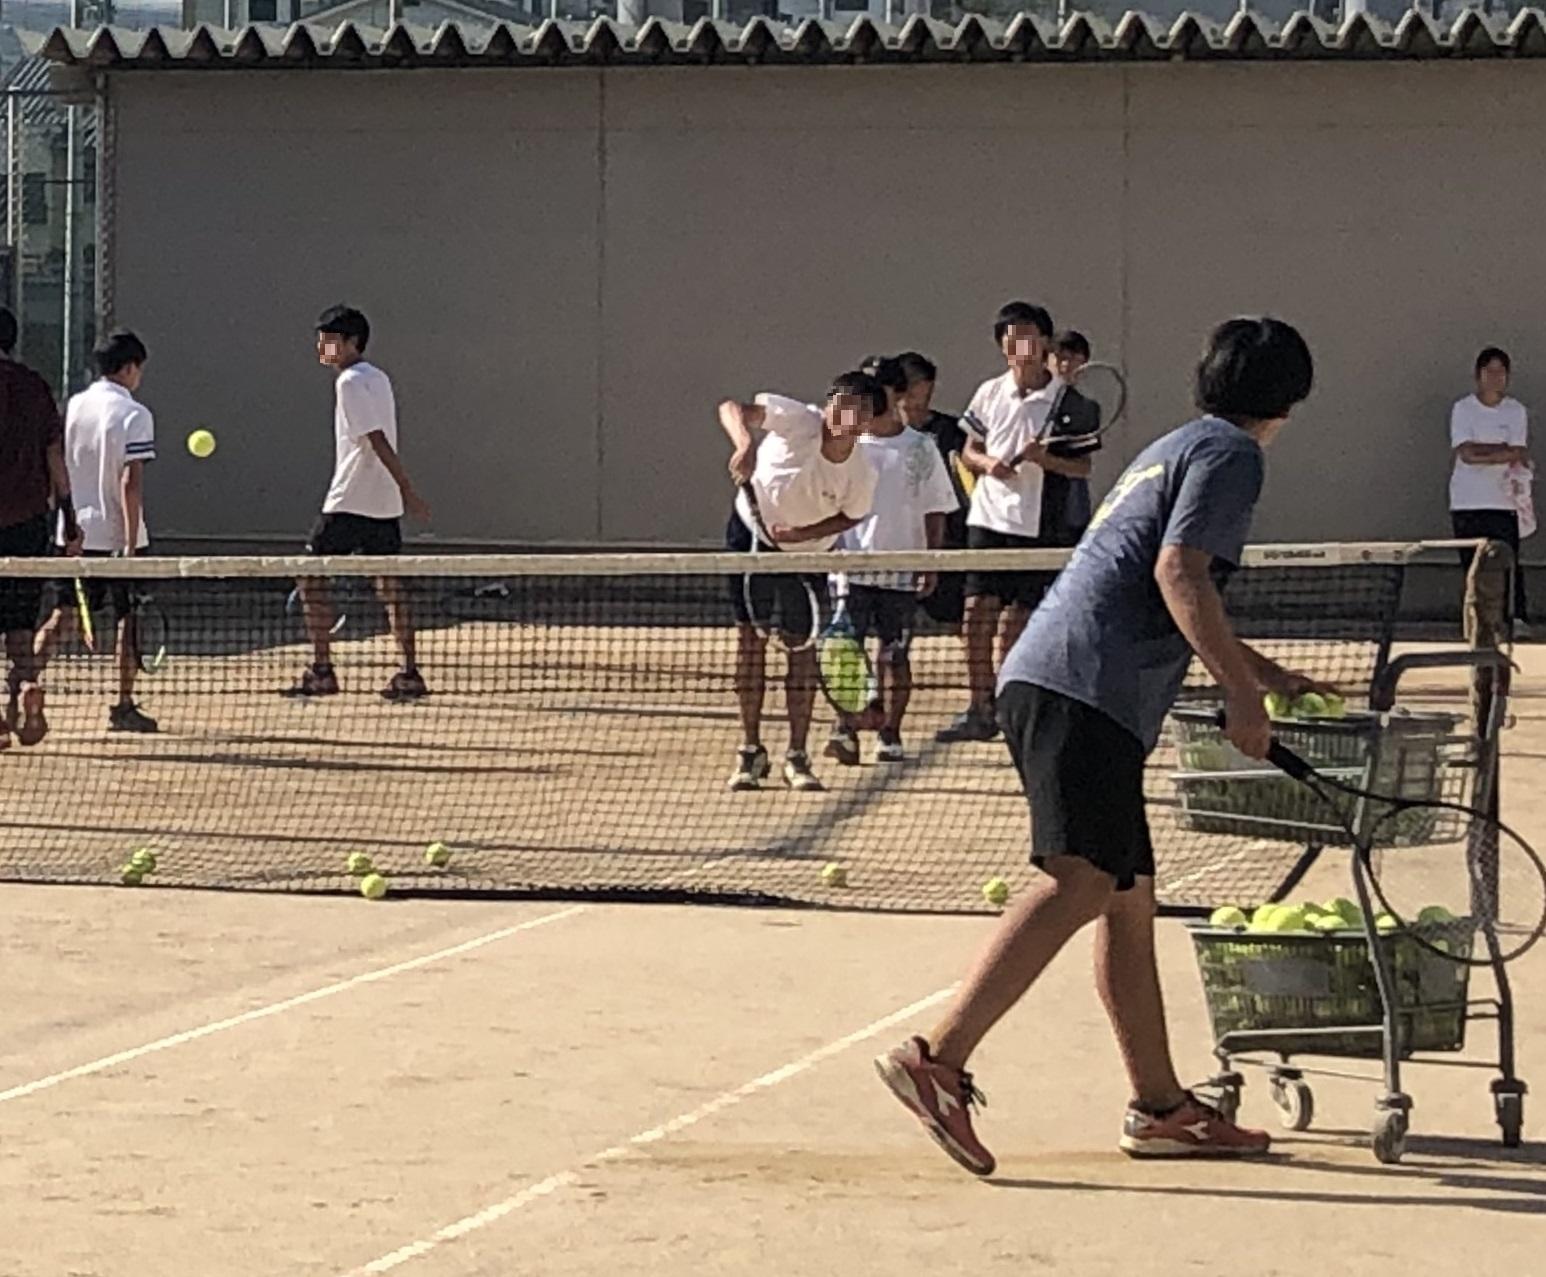 07硬式テニス.jpg